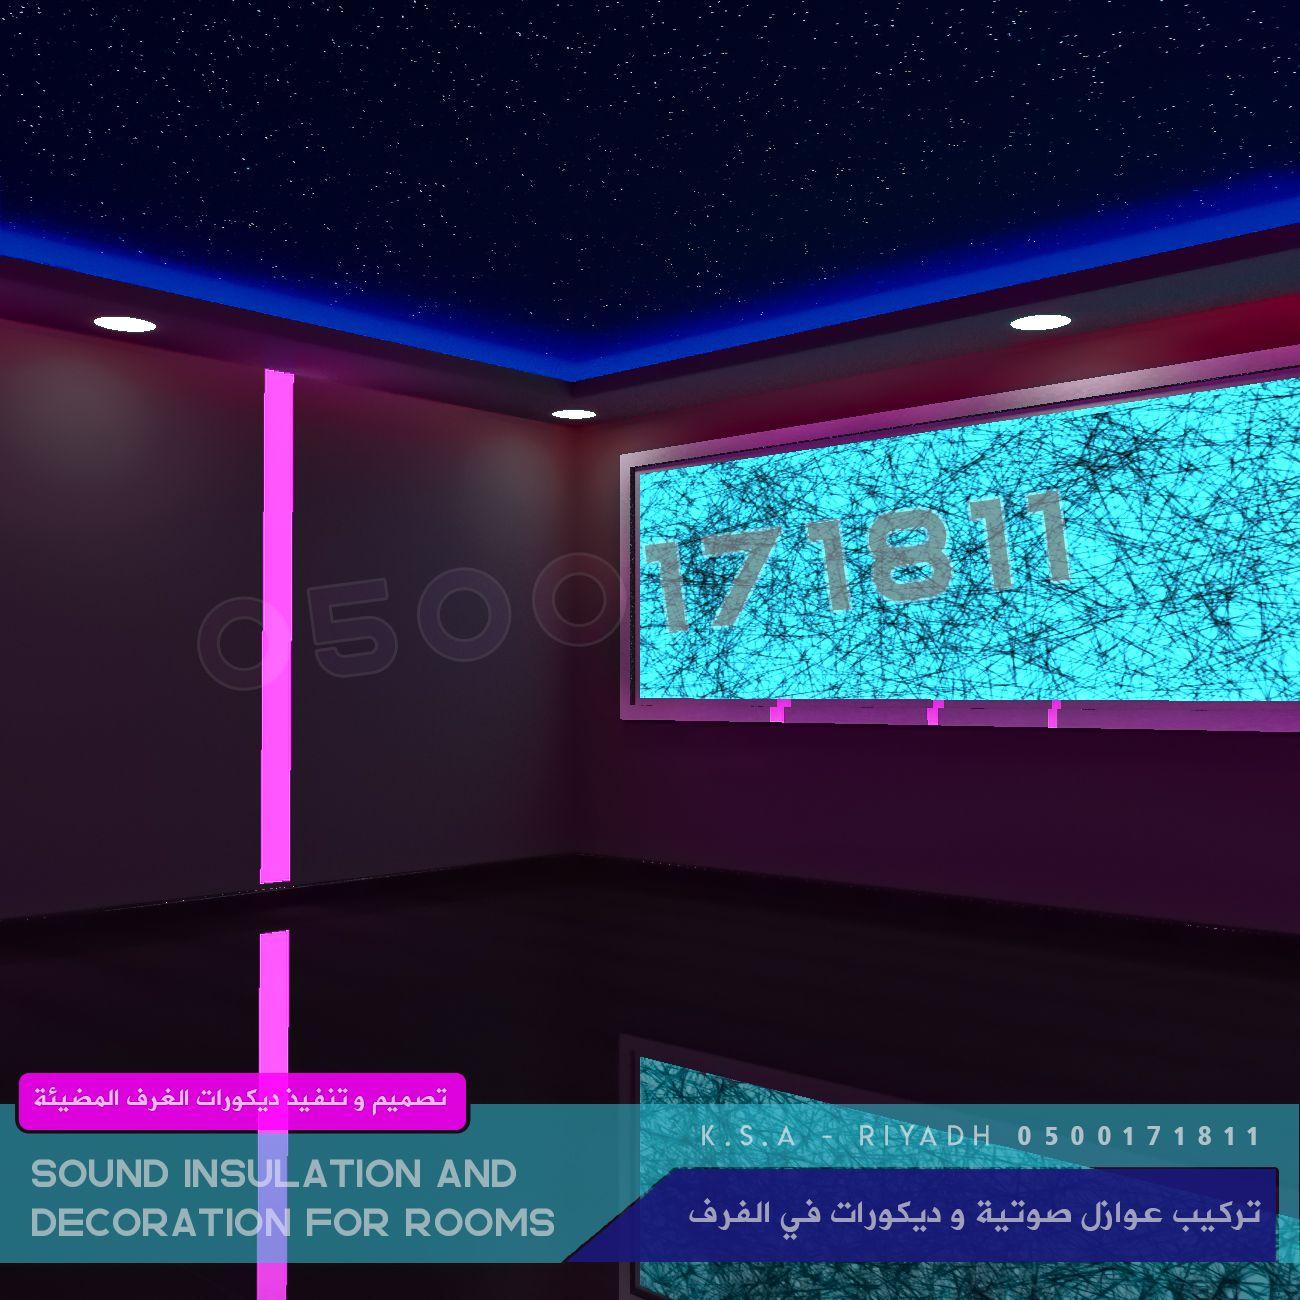 عزل صوت و ديكورات بالرياض Sound Insulation Decor Riyadh